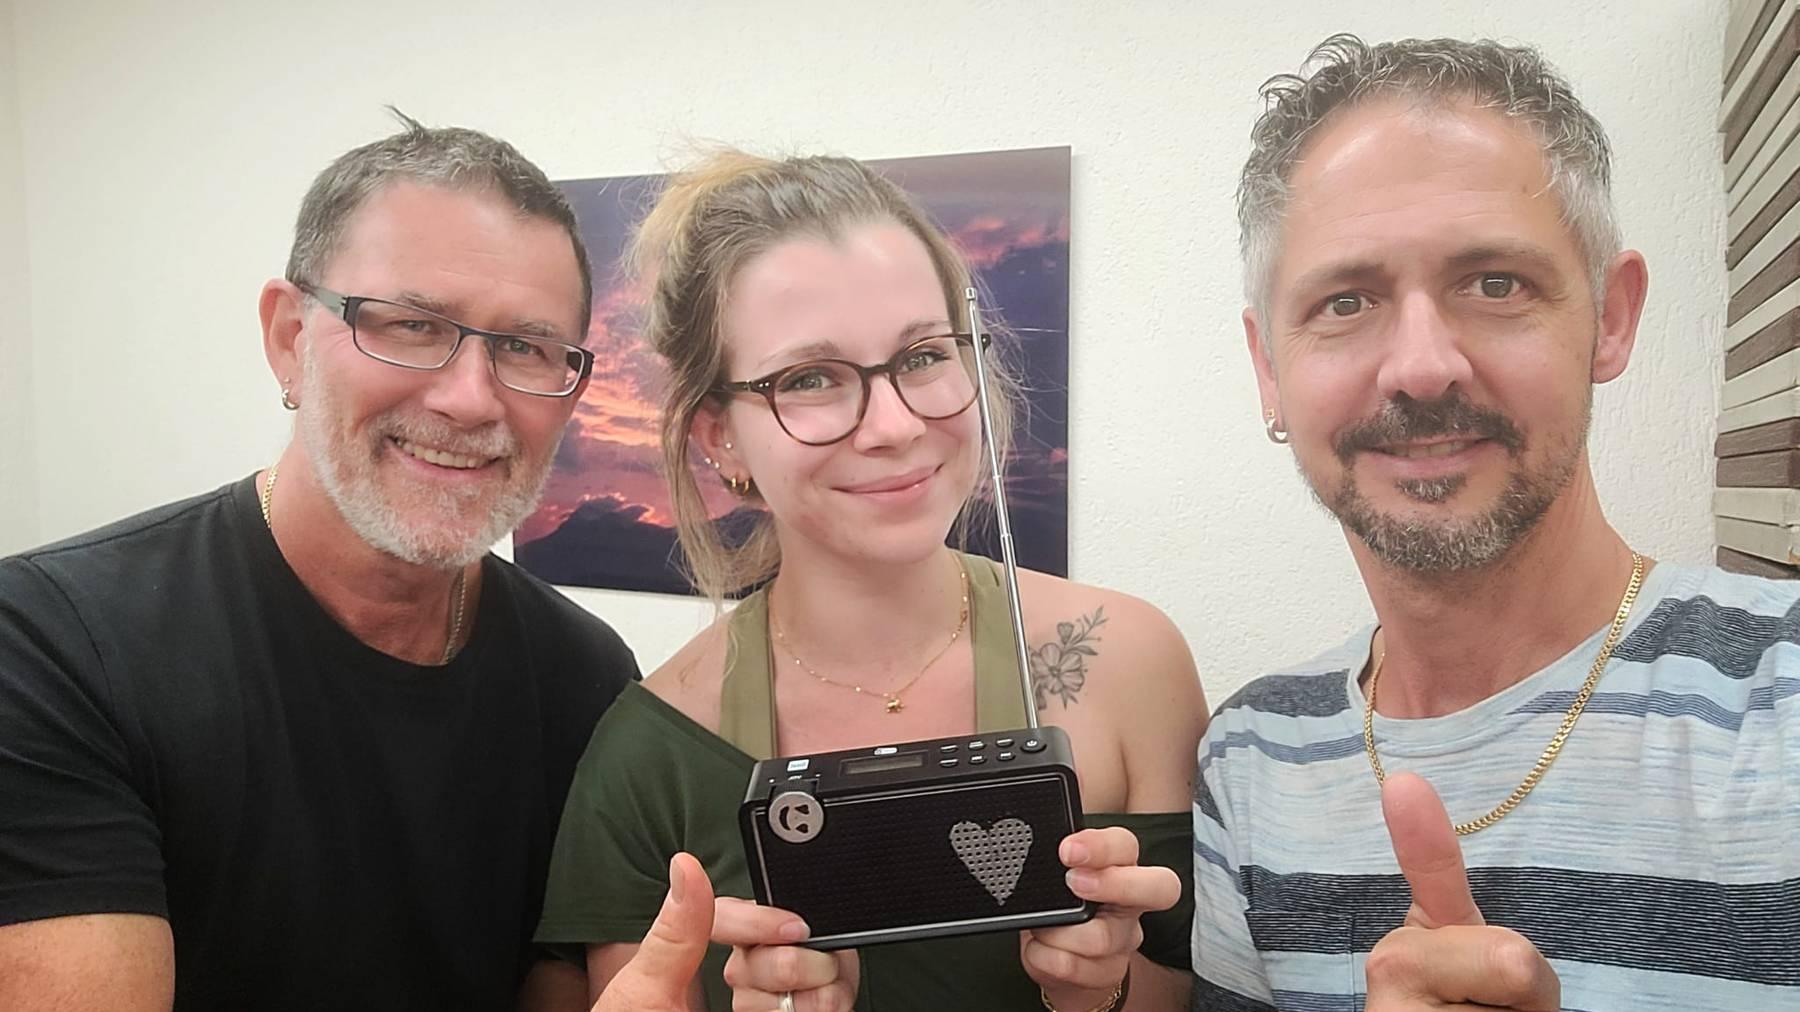 Siegerin Rebecca und ihre zwei Arbeitskollegen beim Radiohören.